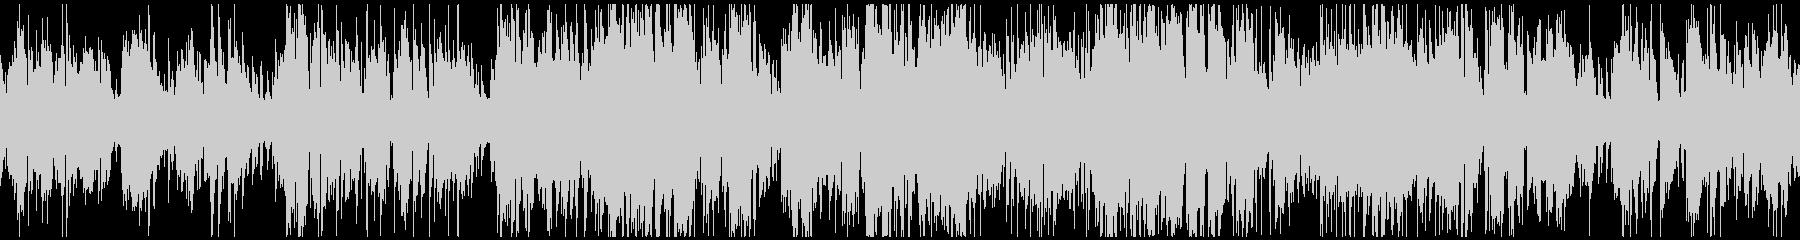 オルガンとサックスのジャズ ※ループ版の未再生の波形